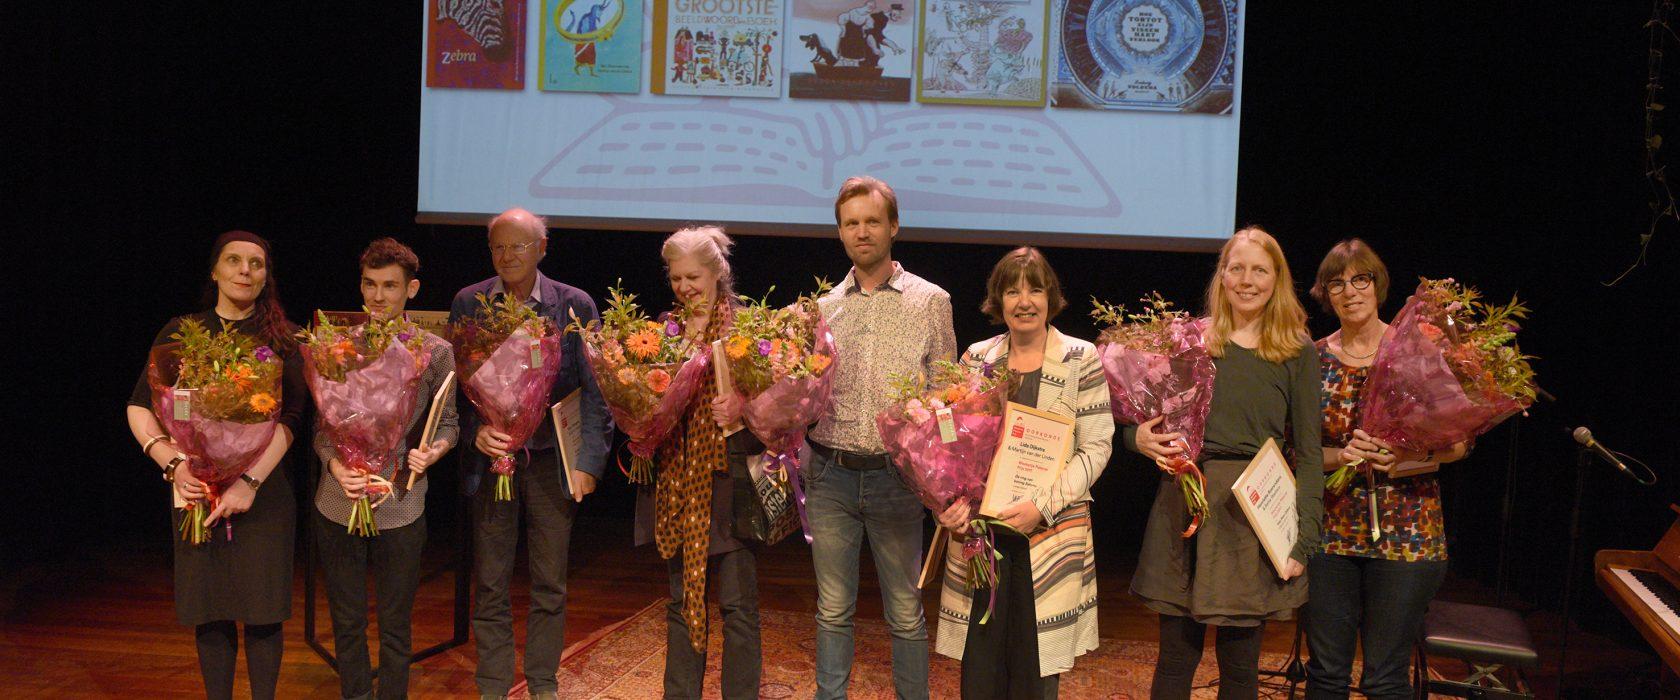 Woutertje Pieterse Prijs 2017